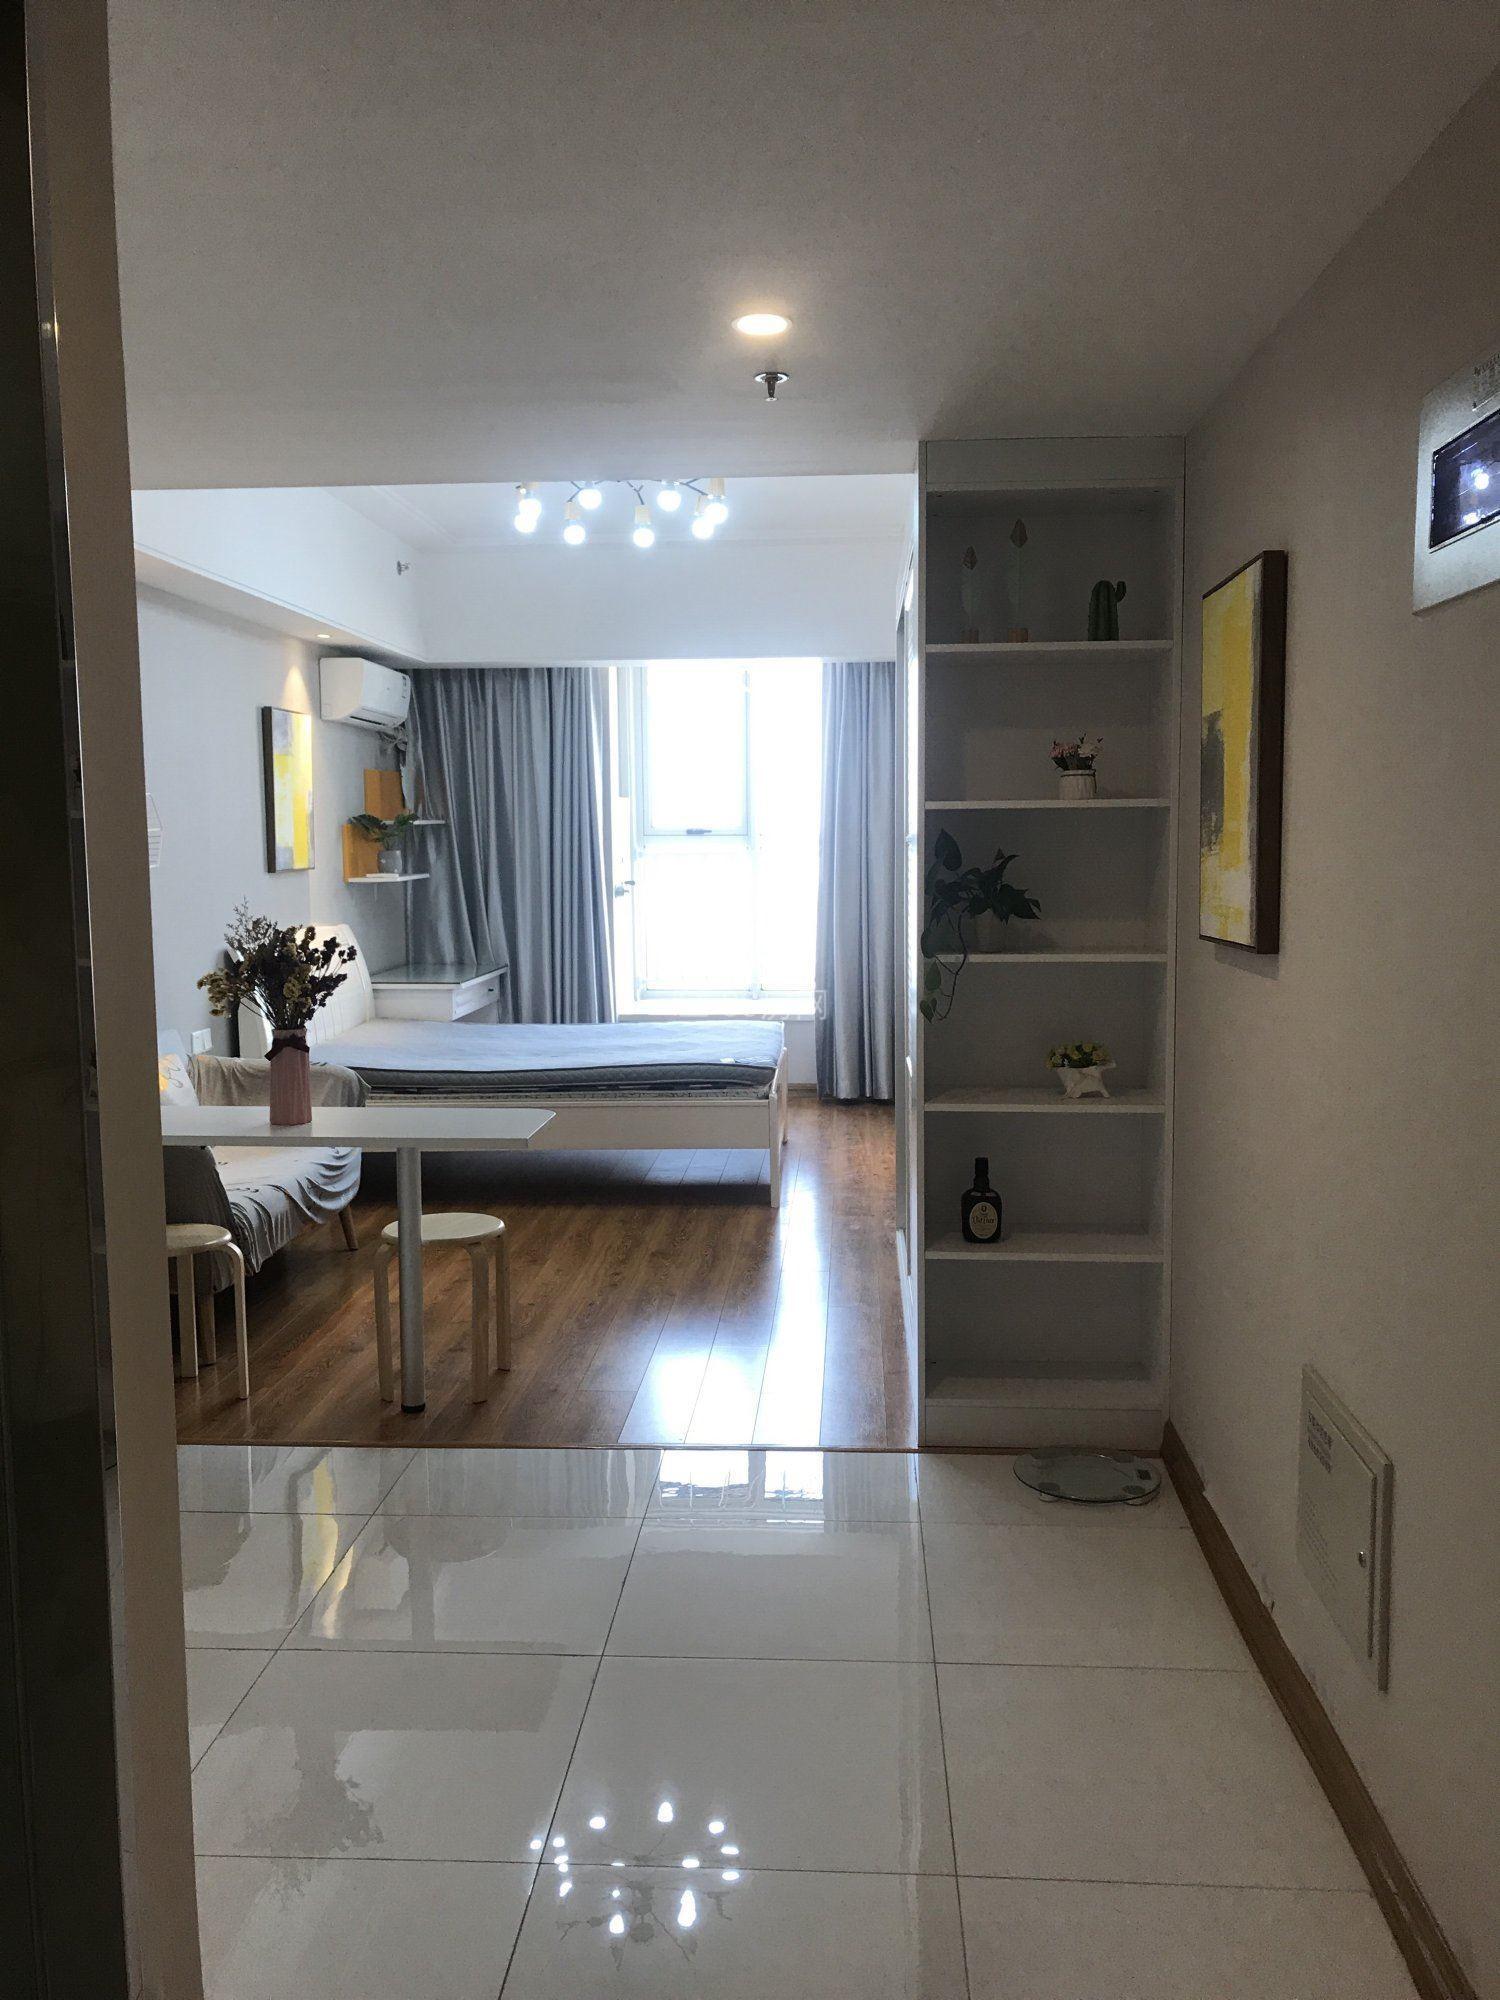 出租万达广出租58平米全新万达公寓 新房源 看房方便 有钥匙